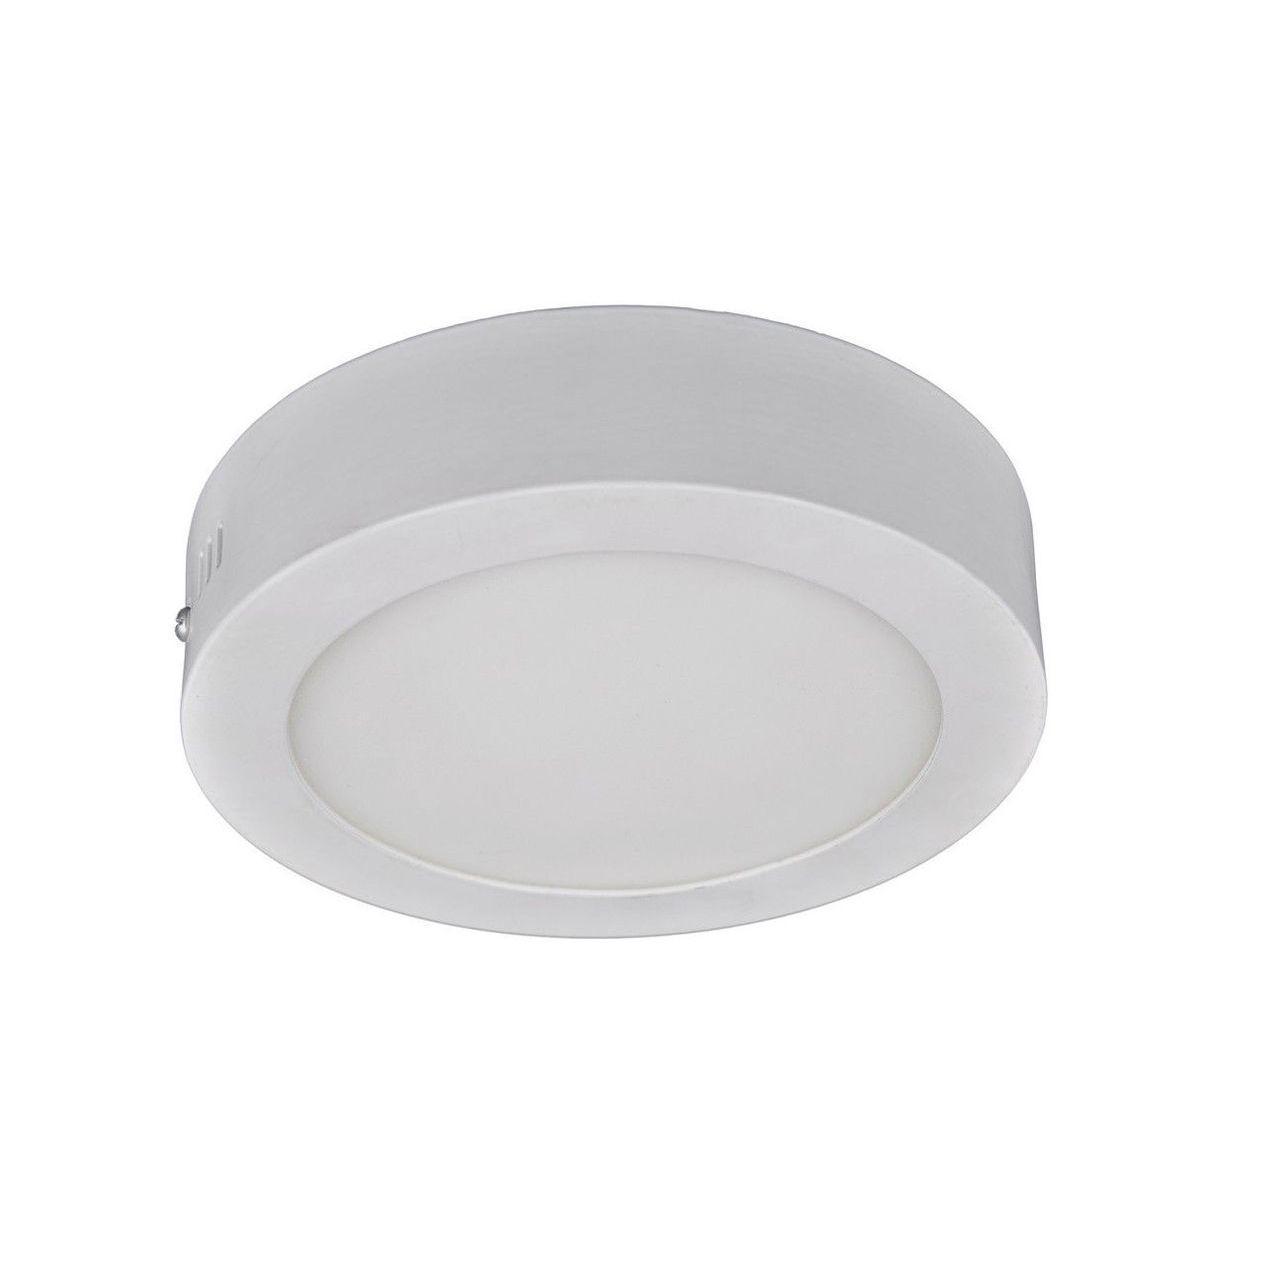 Потолочный светодиодный светильник Arte Lamp Angolo A3008PL-1WH декор tagina woodays angolo versailles larice biondo 61x61